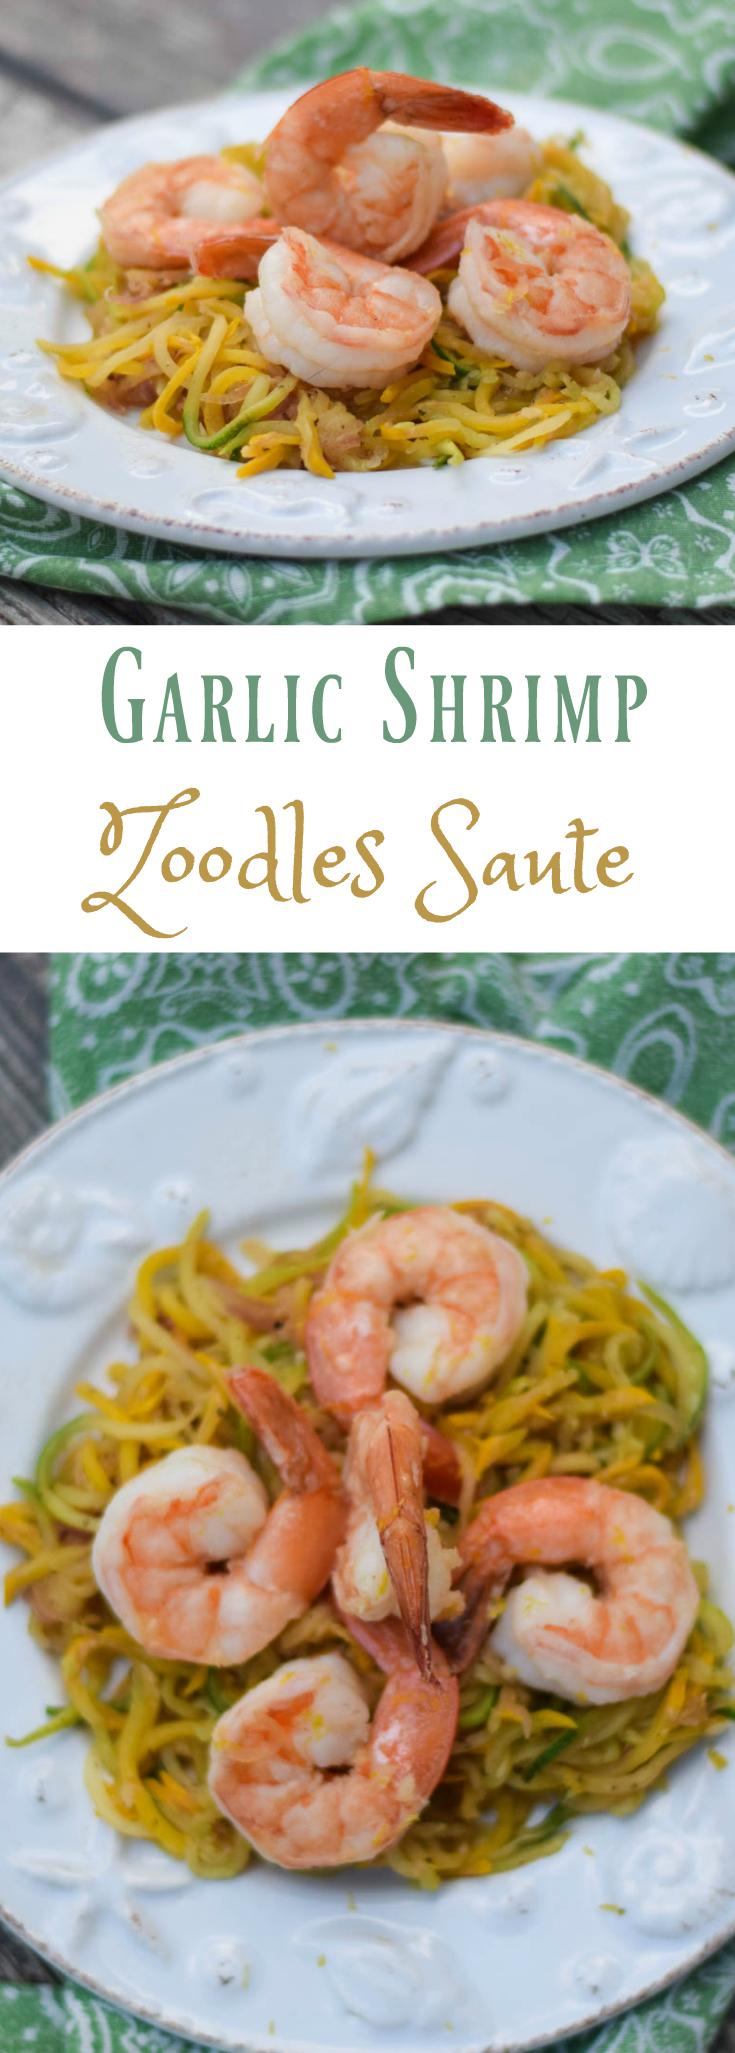 Garlic Shrimp Zoodles Saute